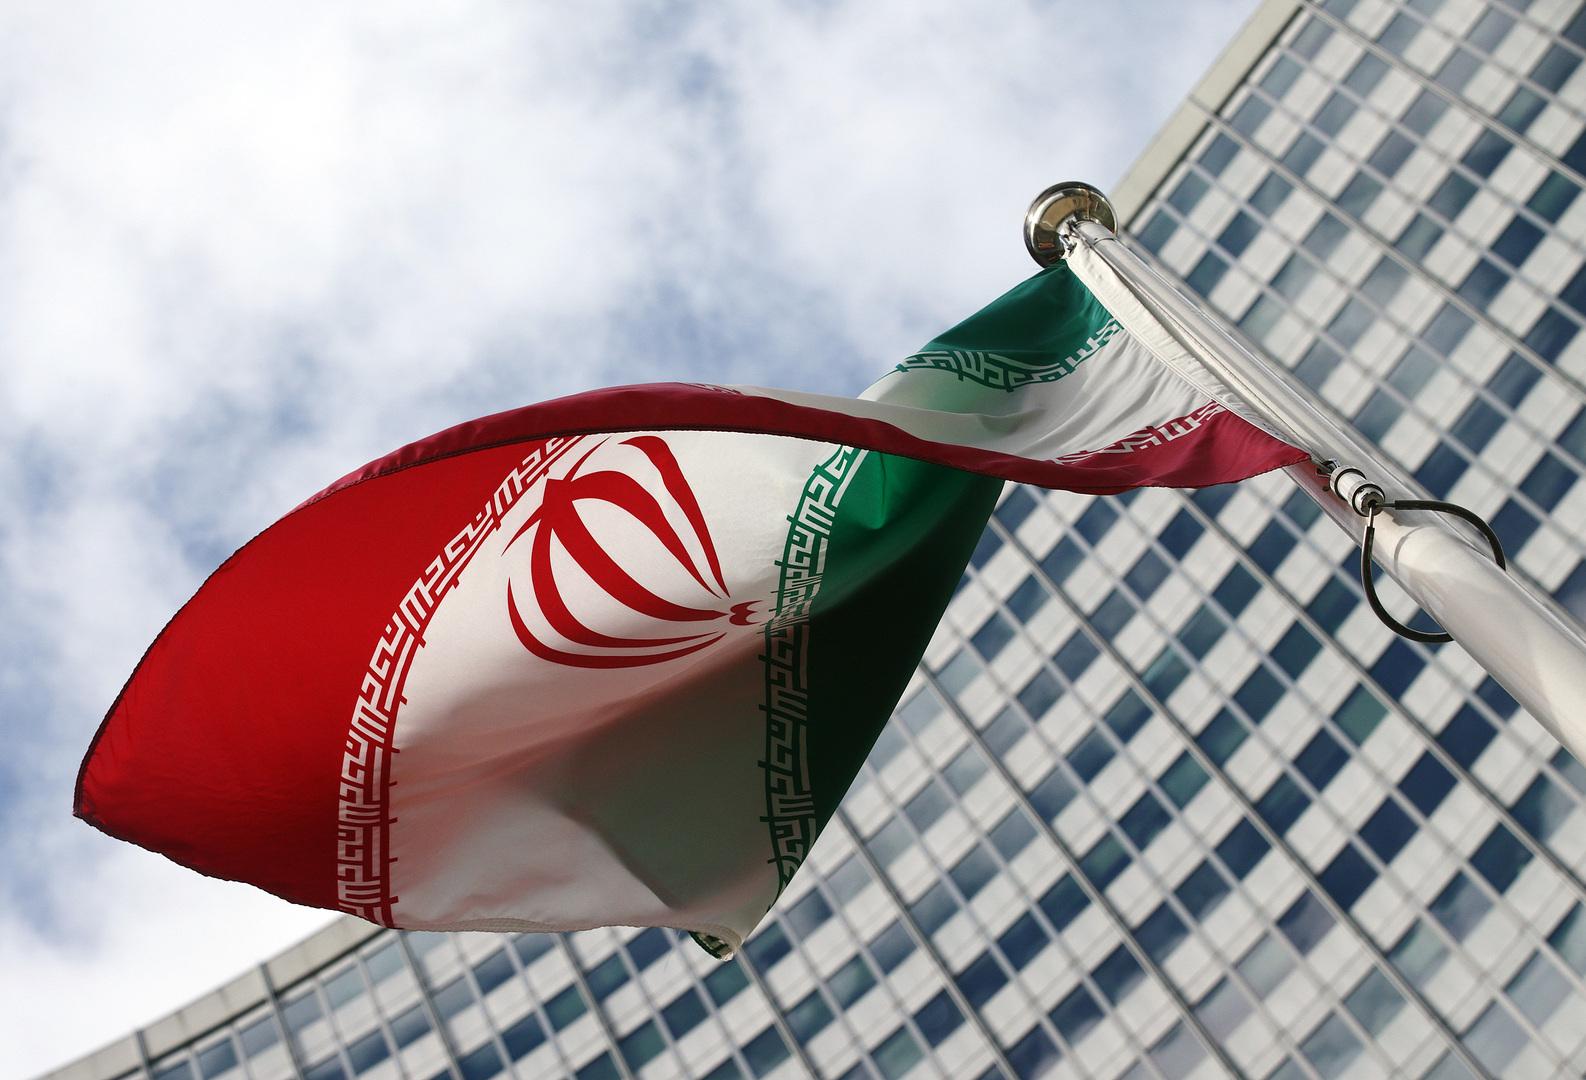 الطاقة الذرية الإيرانية: سننتج 120 كلغ من اليوارنيوم المخصب بنسبة 20%